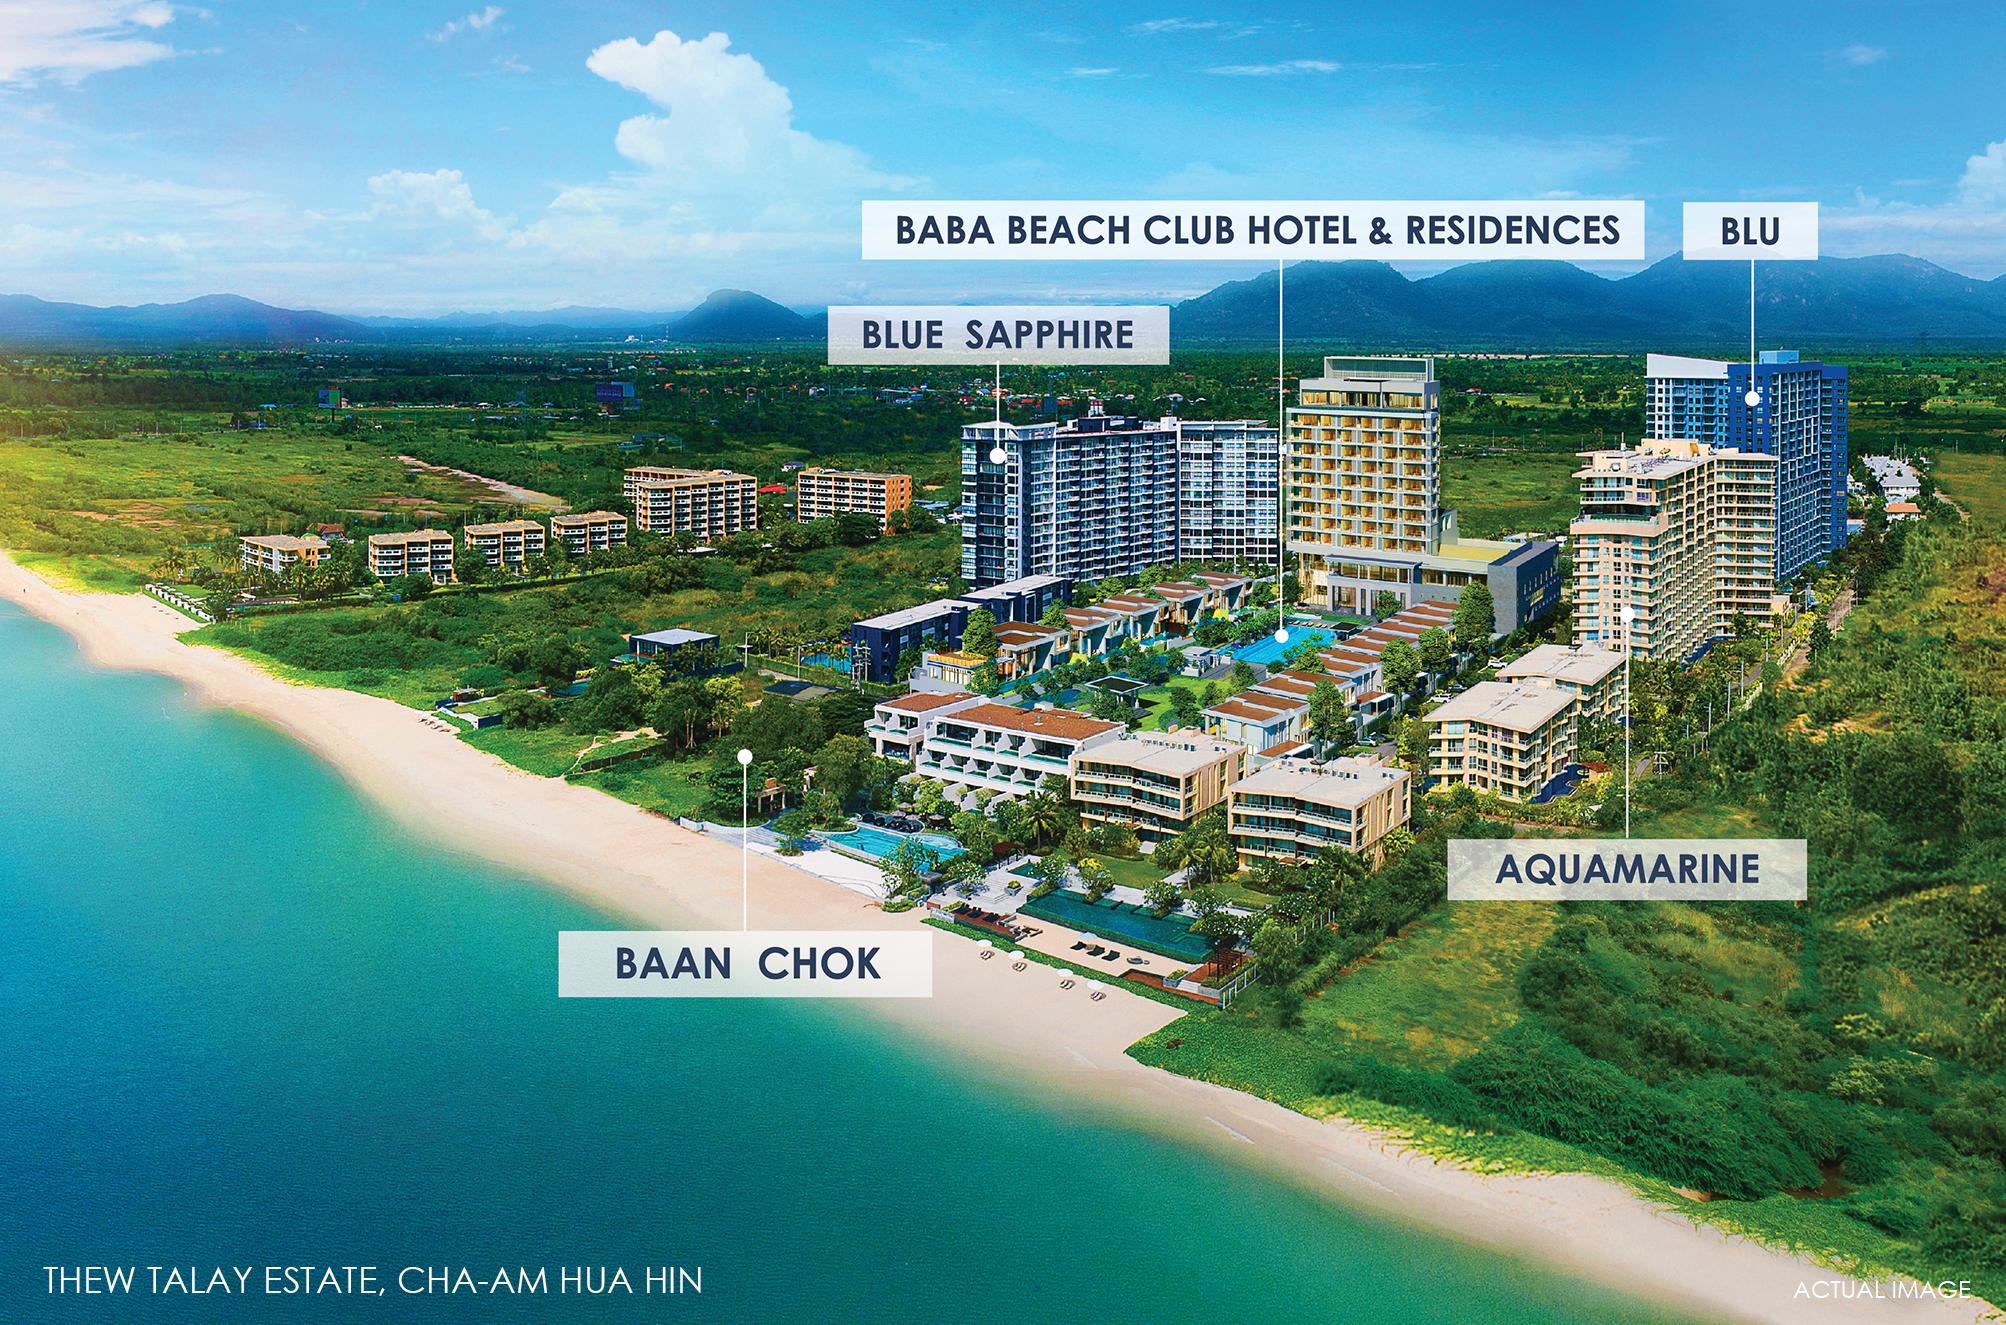 Baba Beach Club